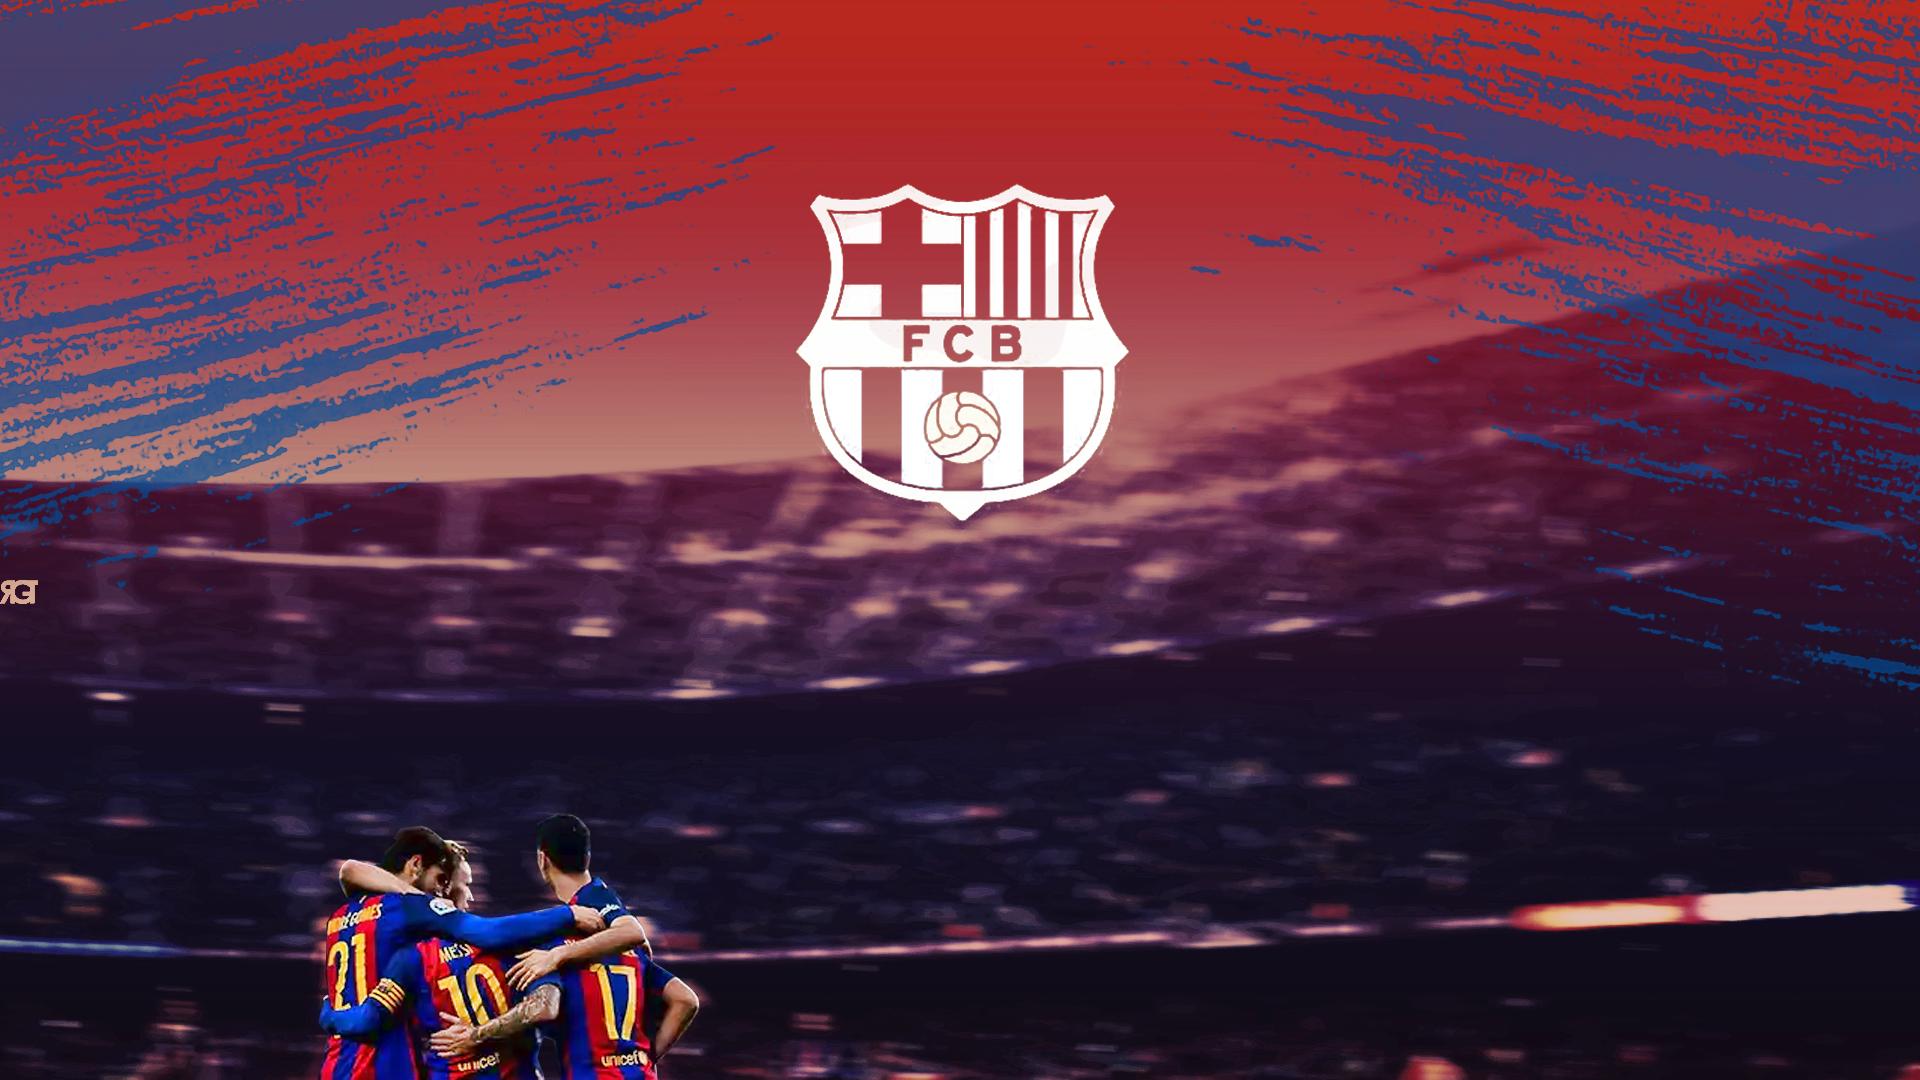 Futbolnyj Klub Barselona Oboi Foto Kartinki Na Rabochij Stol V Vysokom Razreshenii